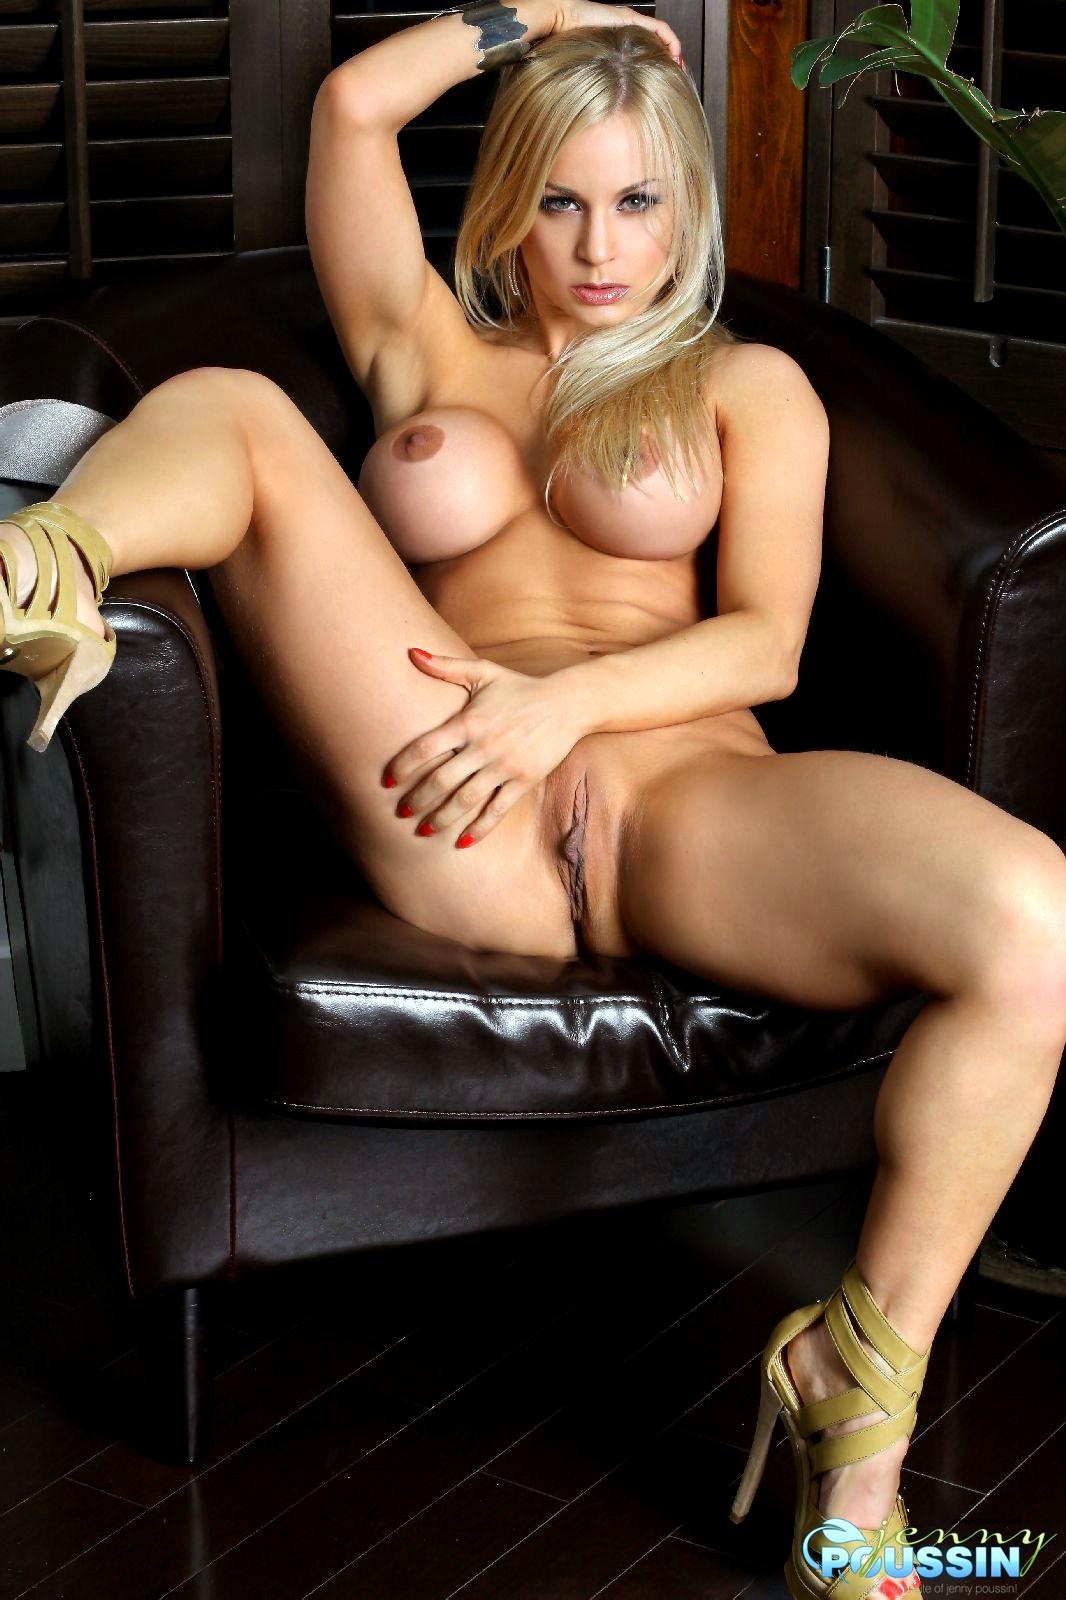 порно фото красивых женщин секс бомба - 12